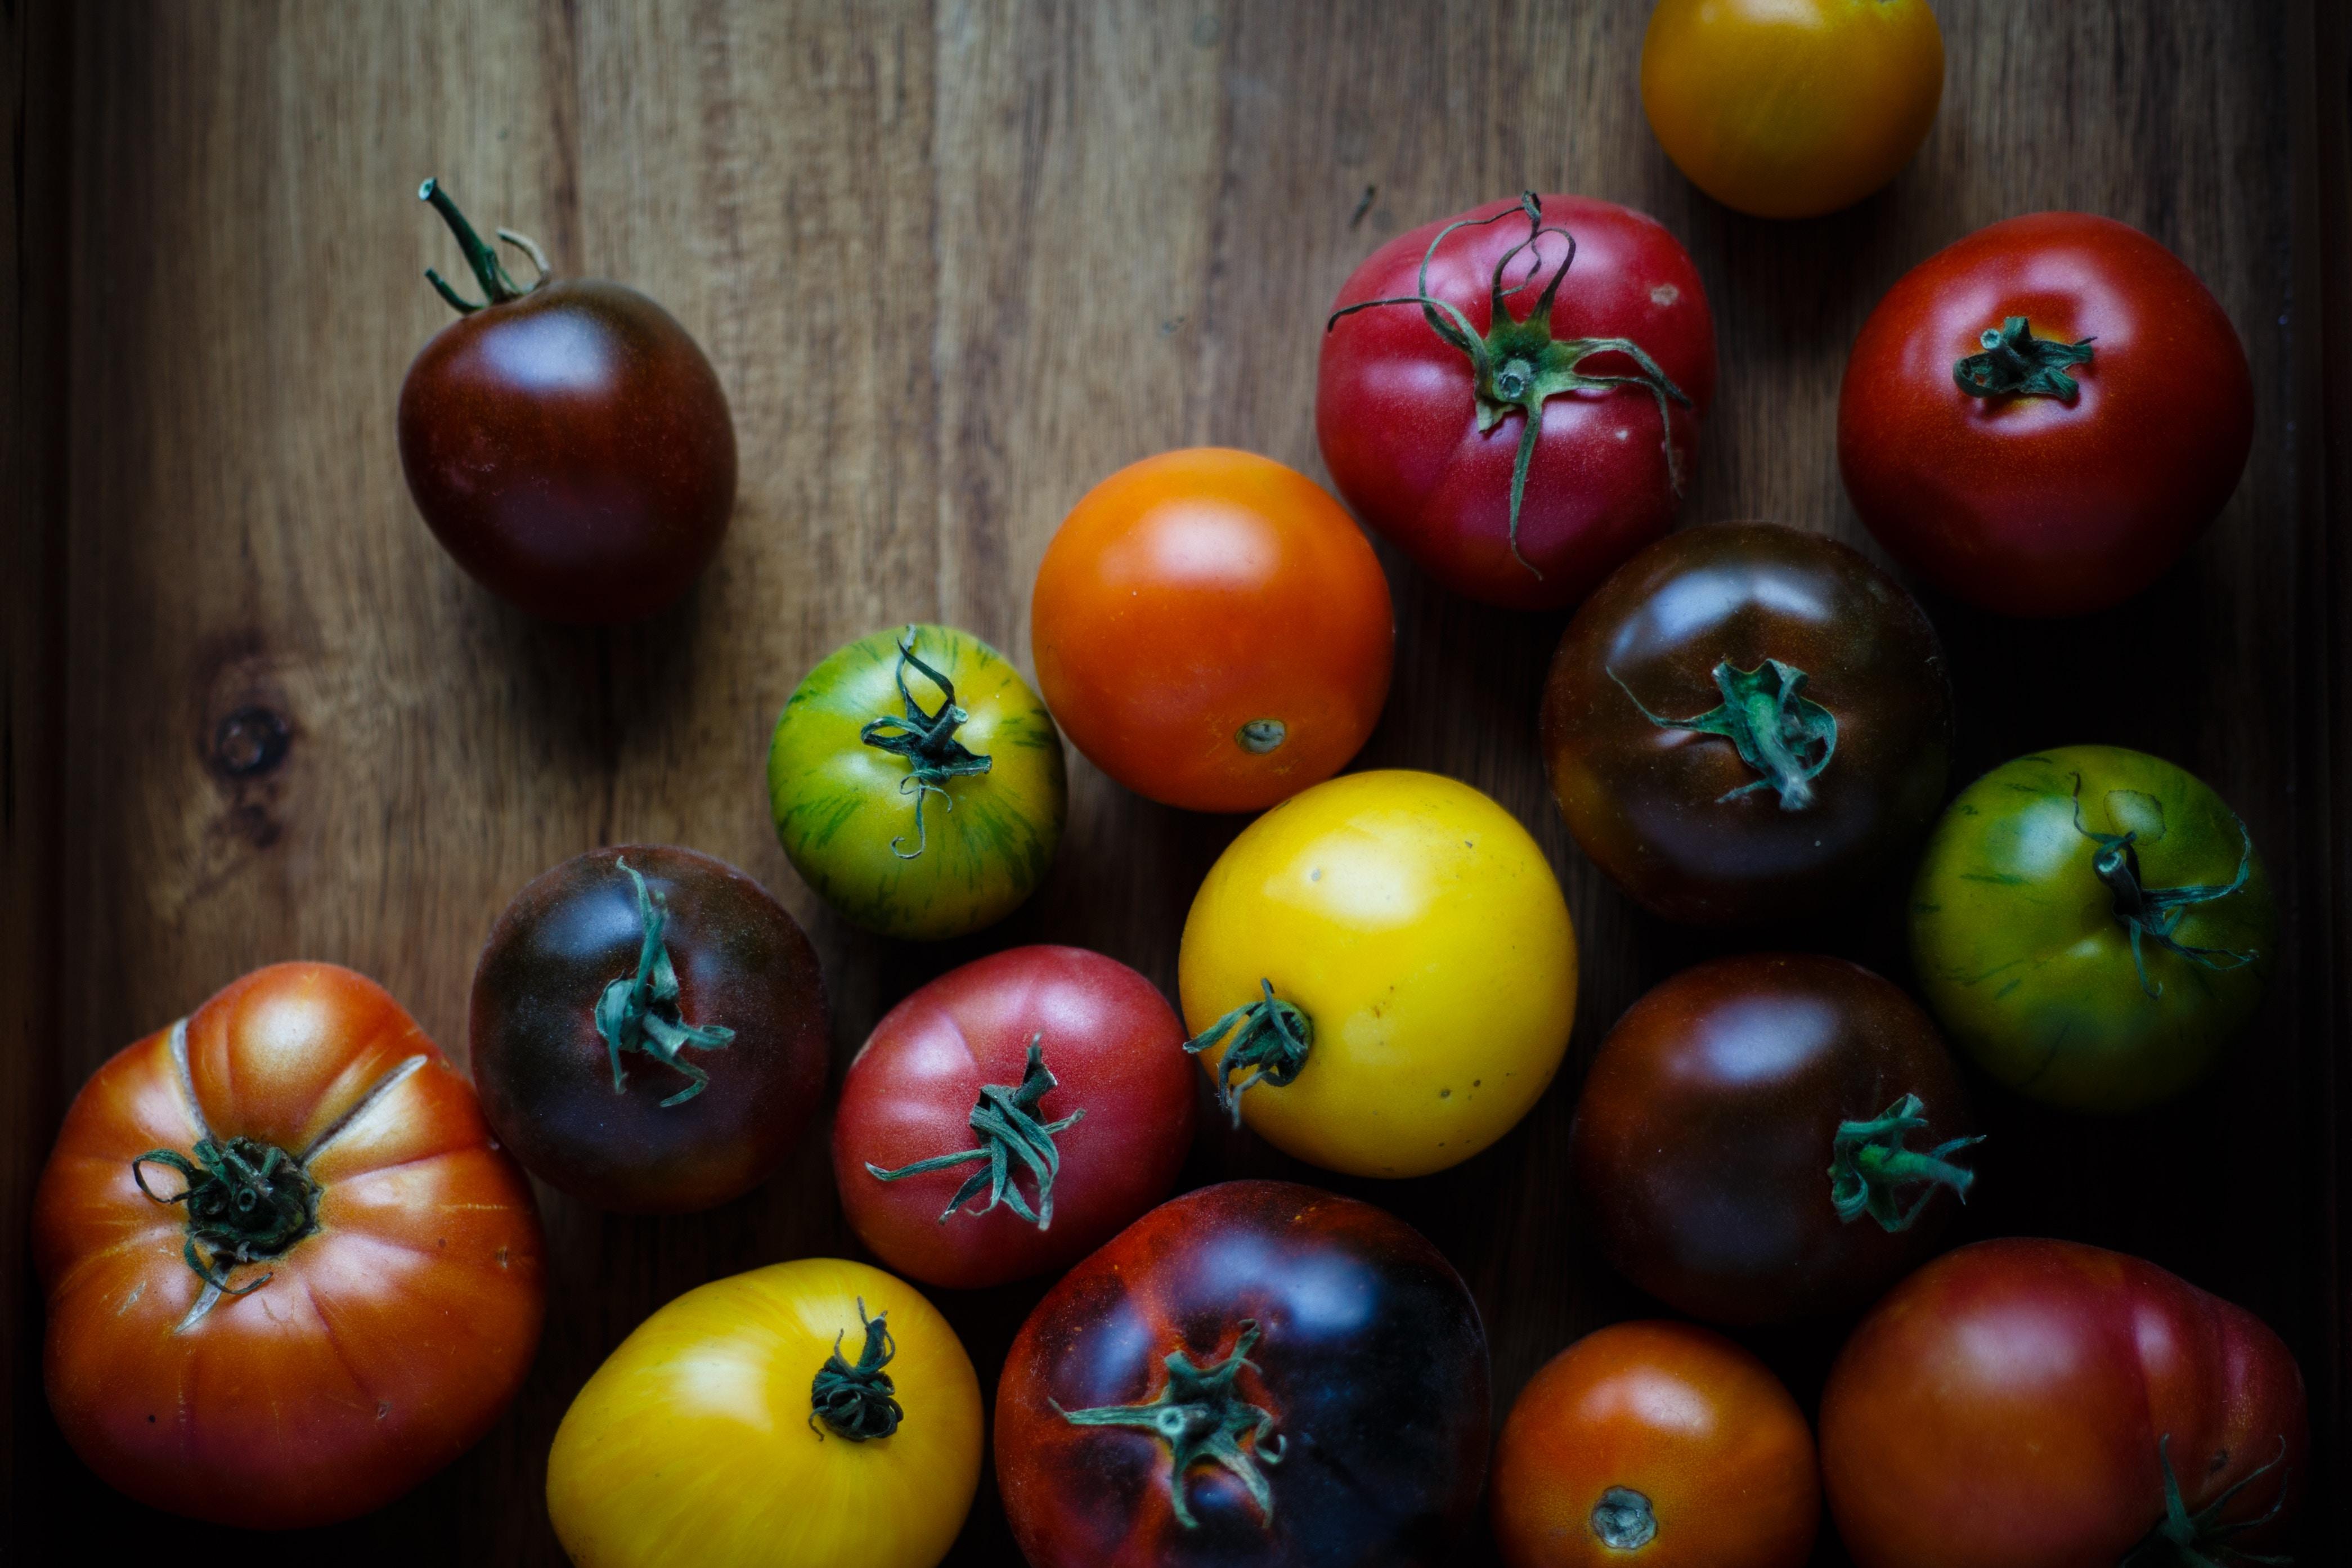 Tomates pour faire de la sauce tomate maison